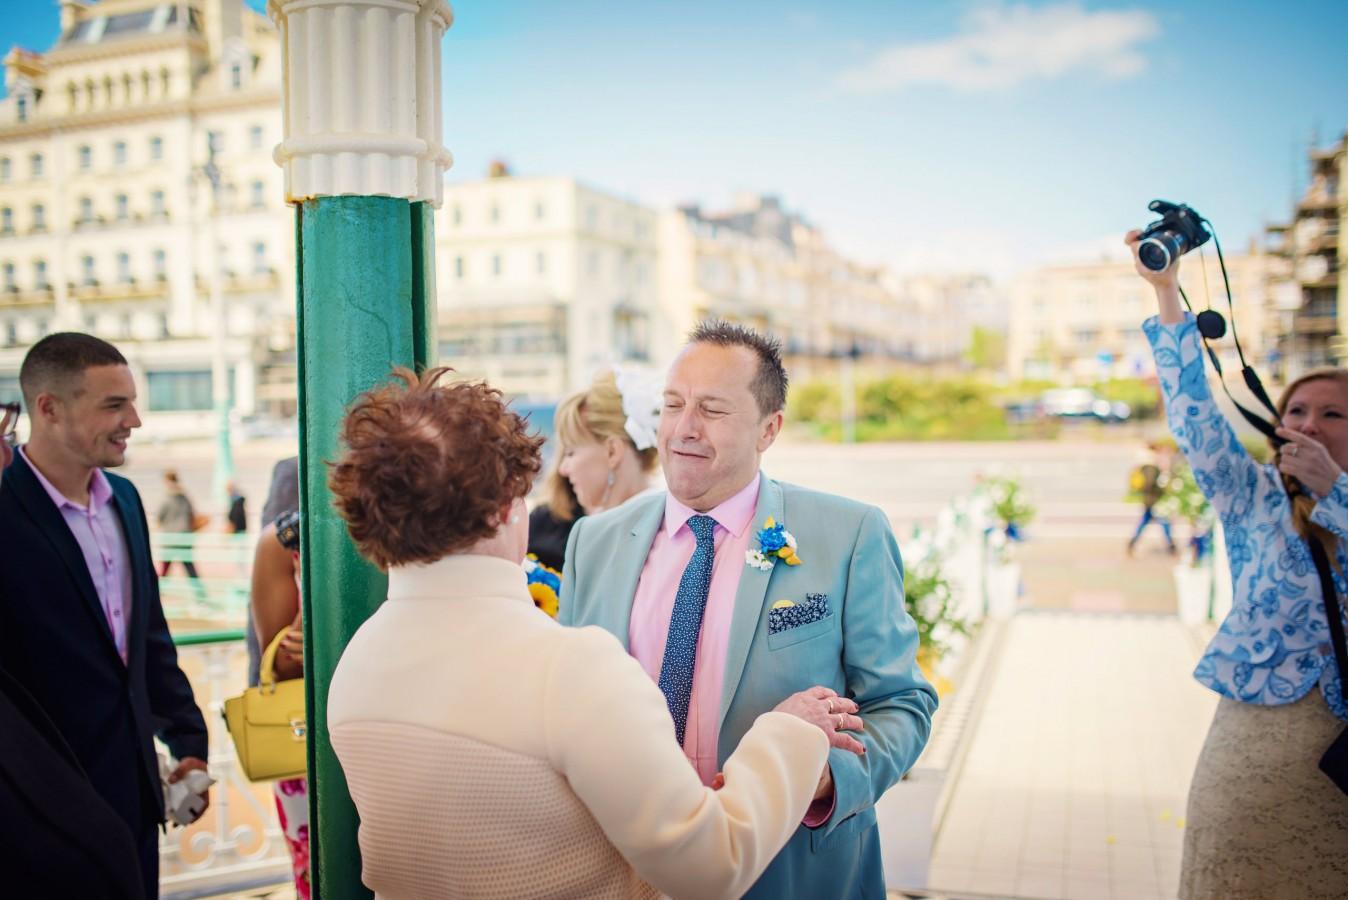 Hampshire Wedding Photographer - GK Photography-74